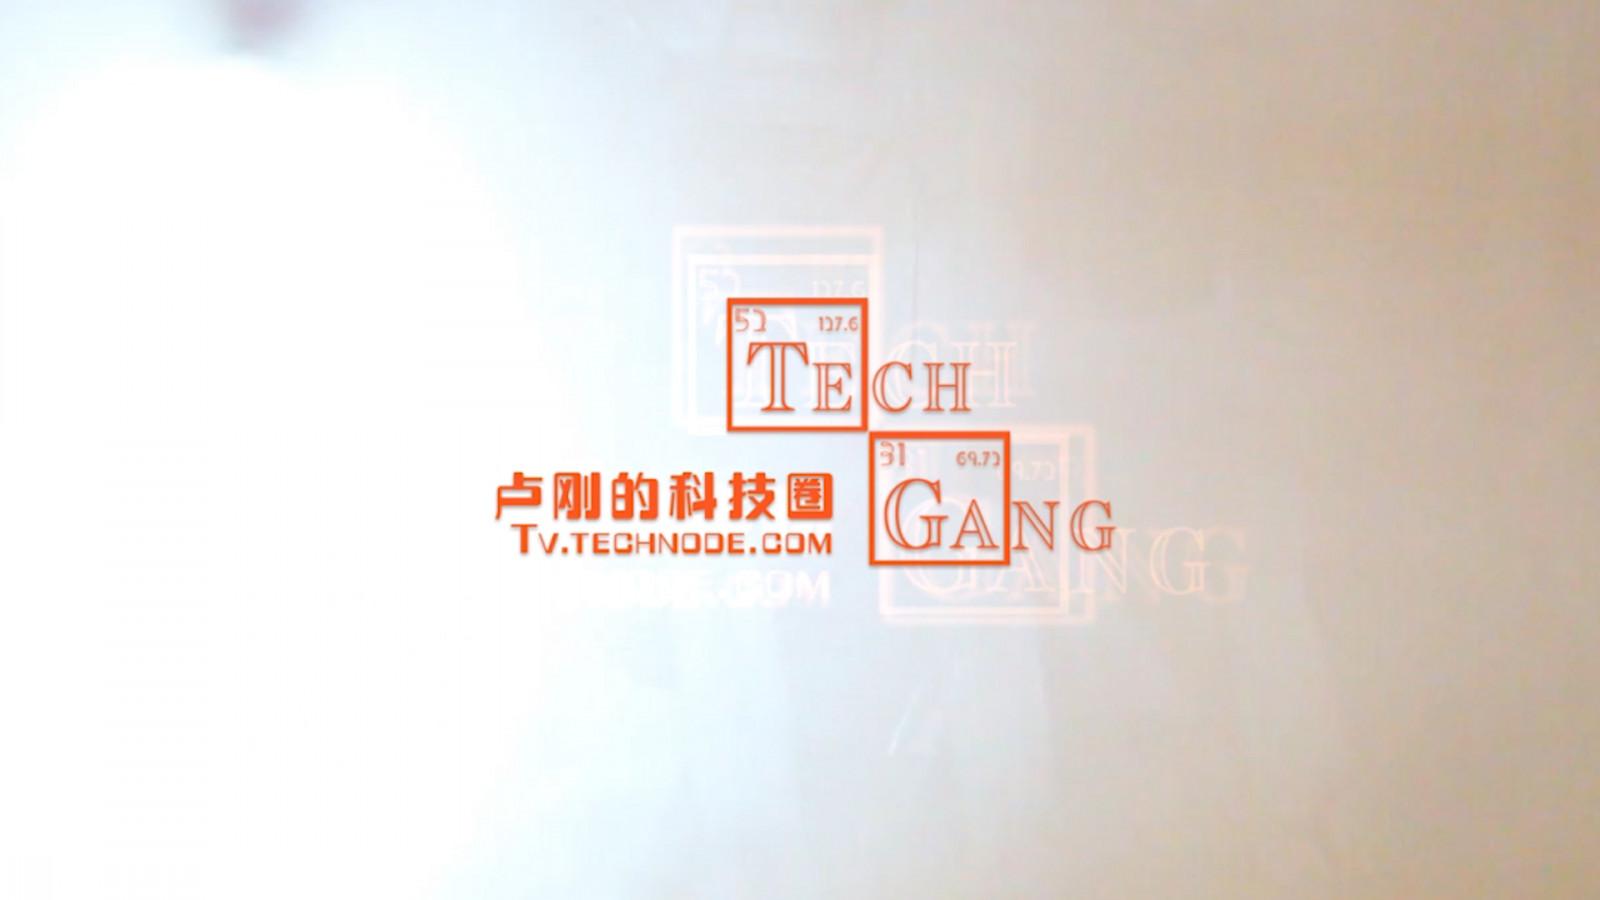 """【视频】TECHGANG 卢刚的科技圈  节目预告"""""""